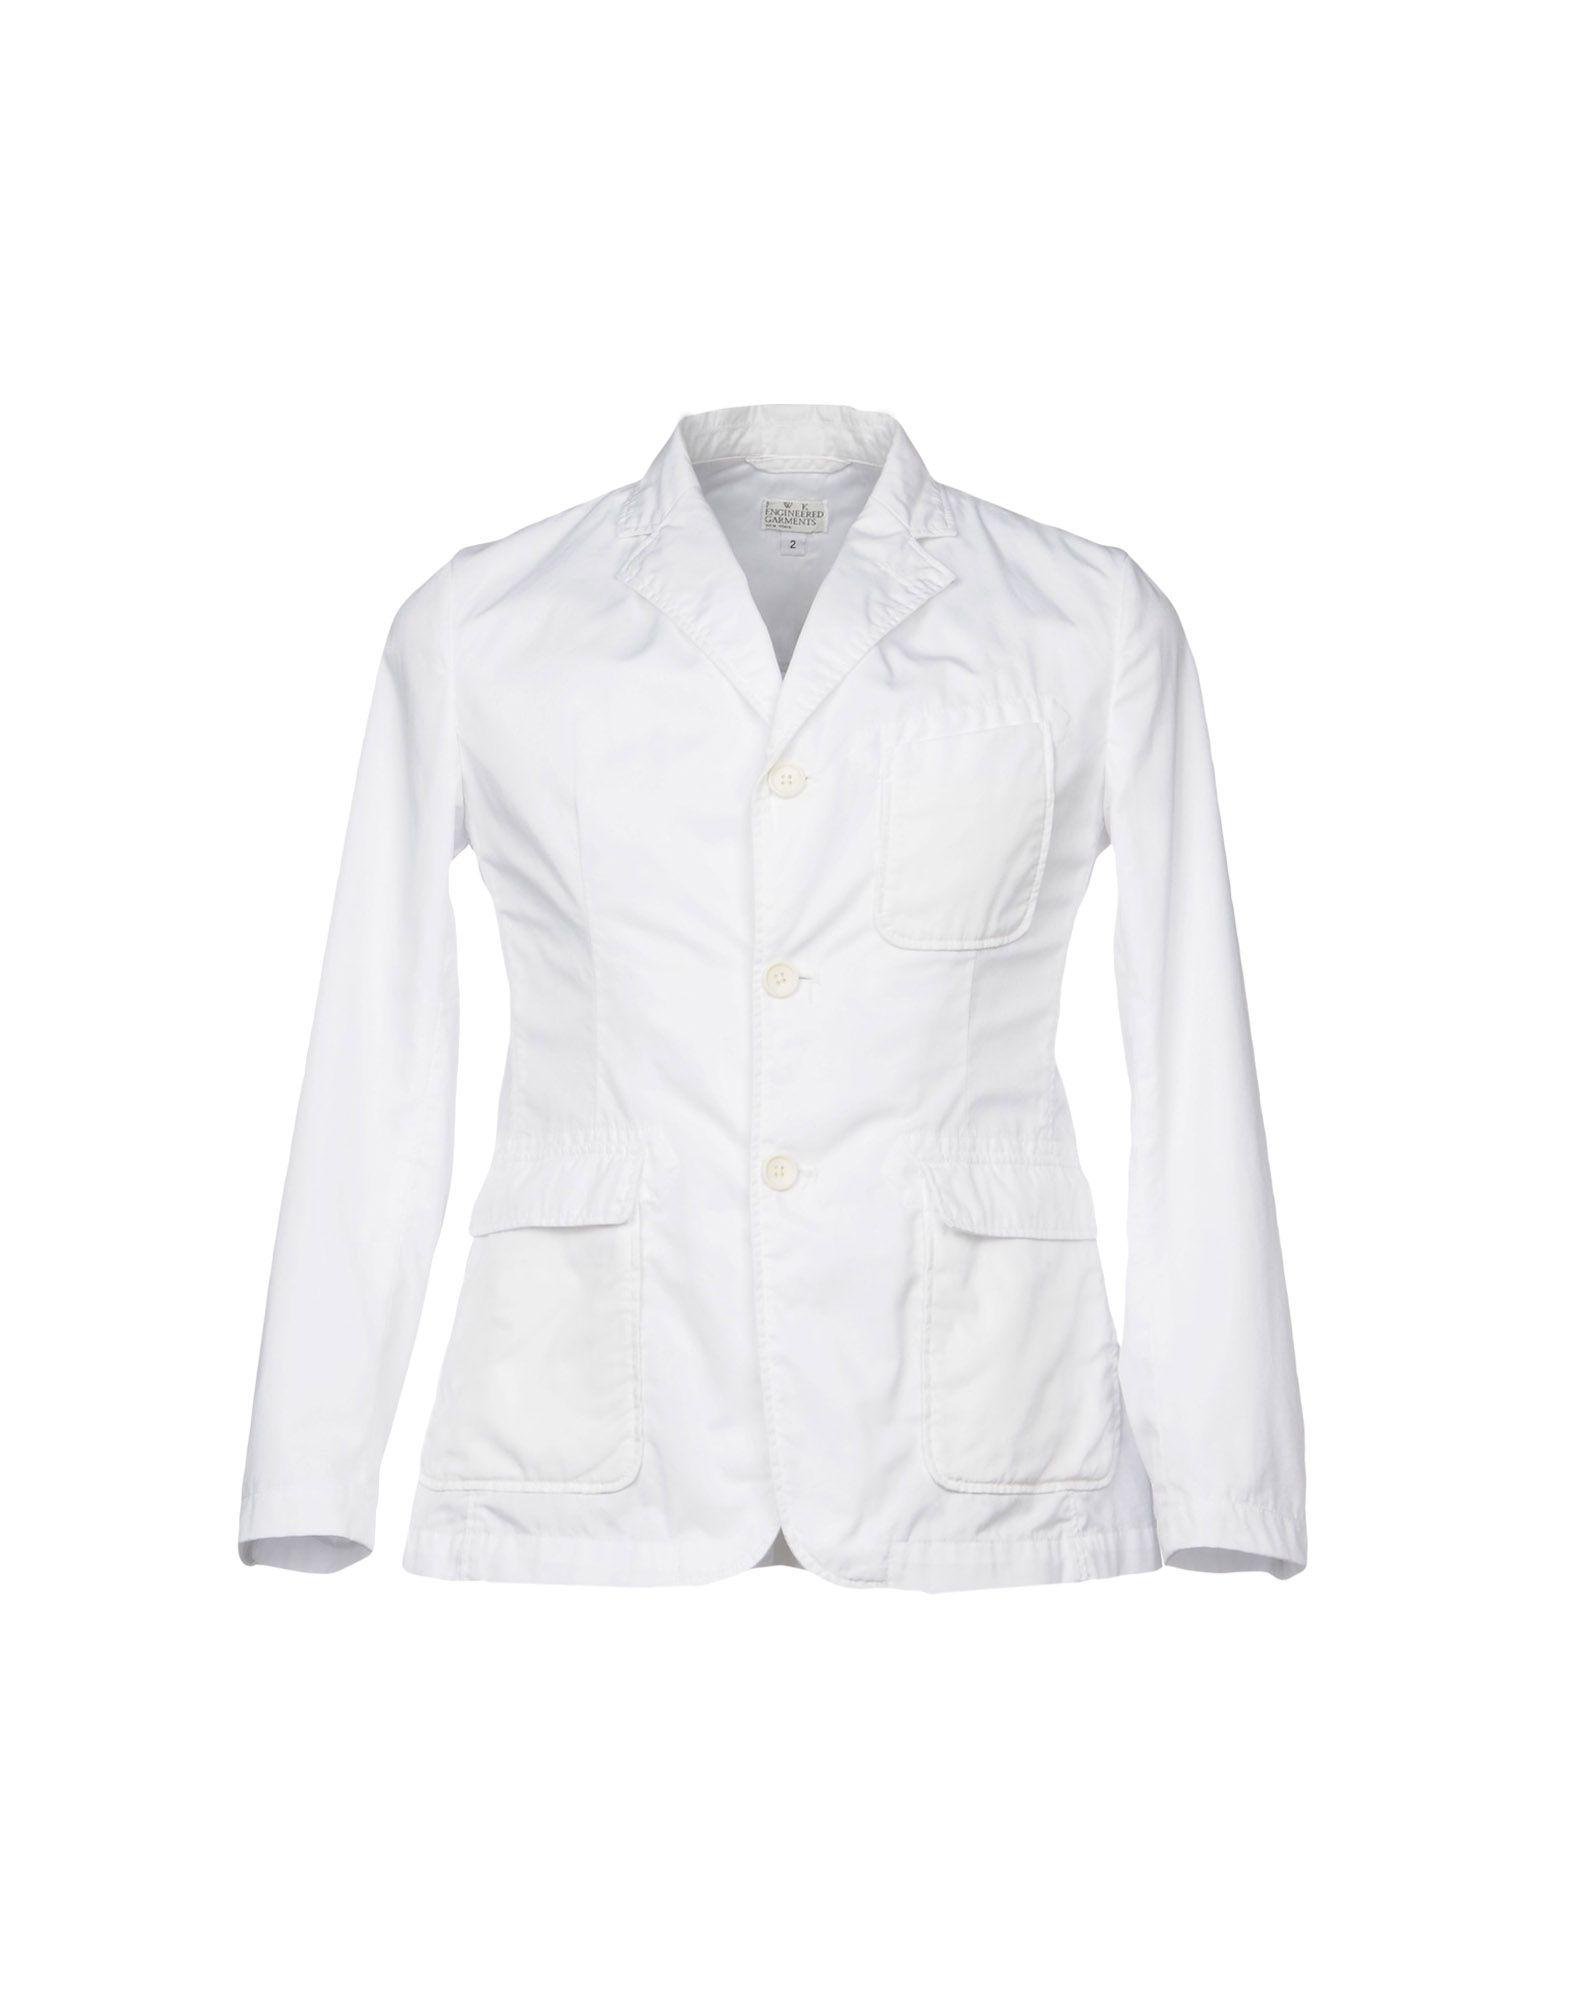 メンズ ENGINEERED GARMENTS テーラードジャケット ホワイト